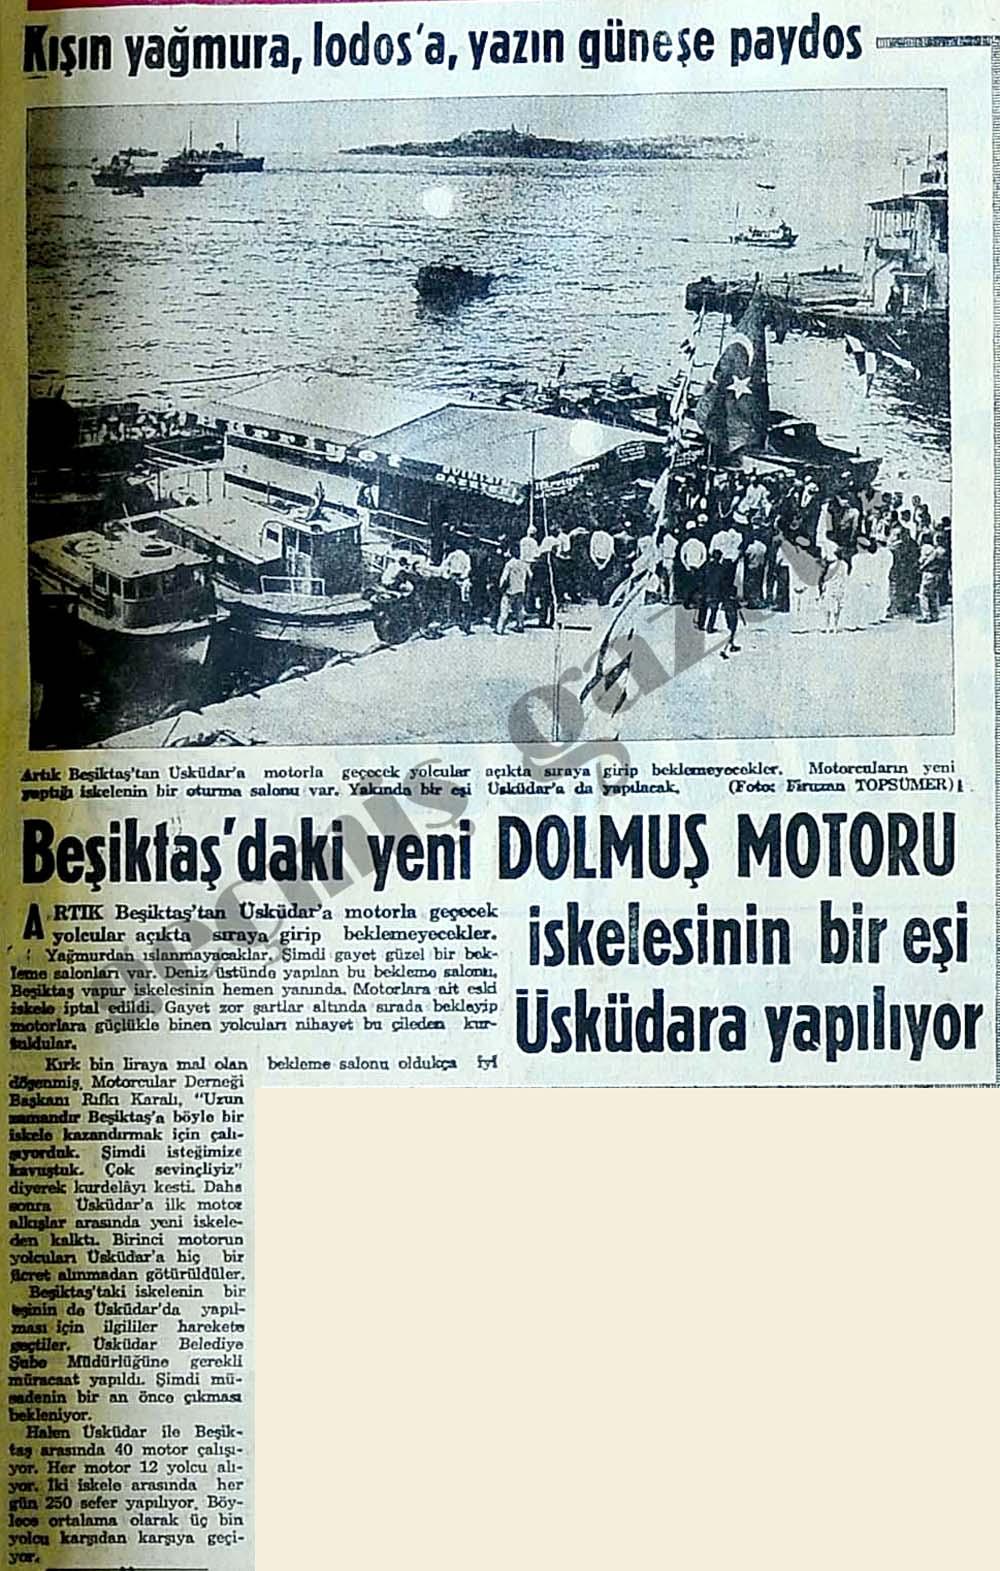 Beşiktaş'daki yeni Dolmuş Motoru iskelesinin bir eşi Üsküdara yapılıyor